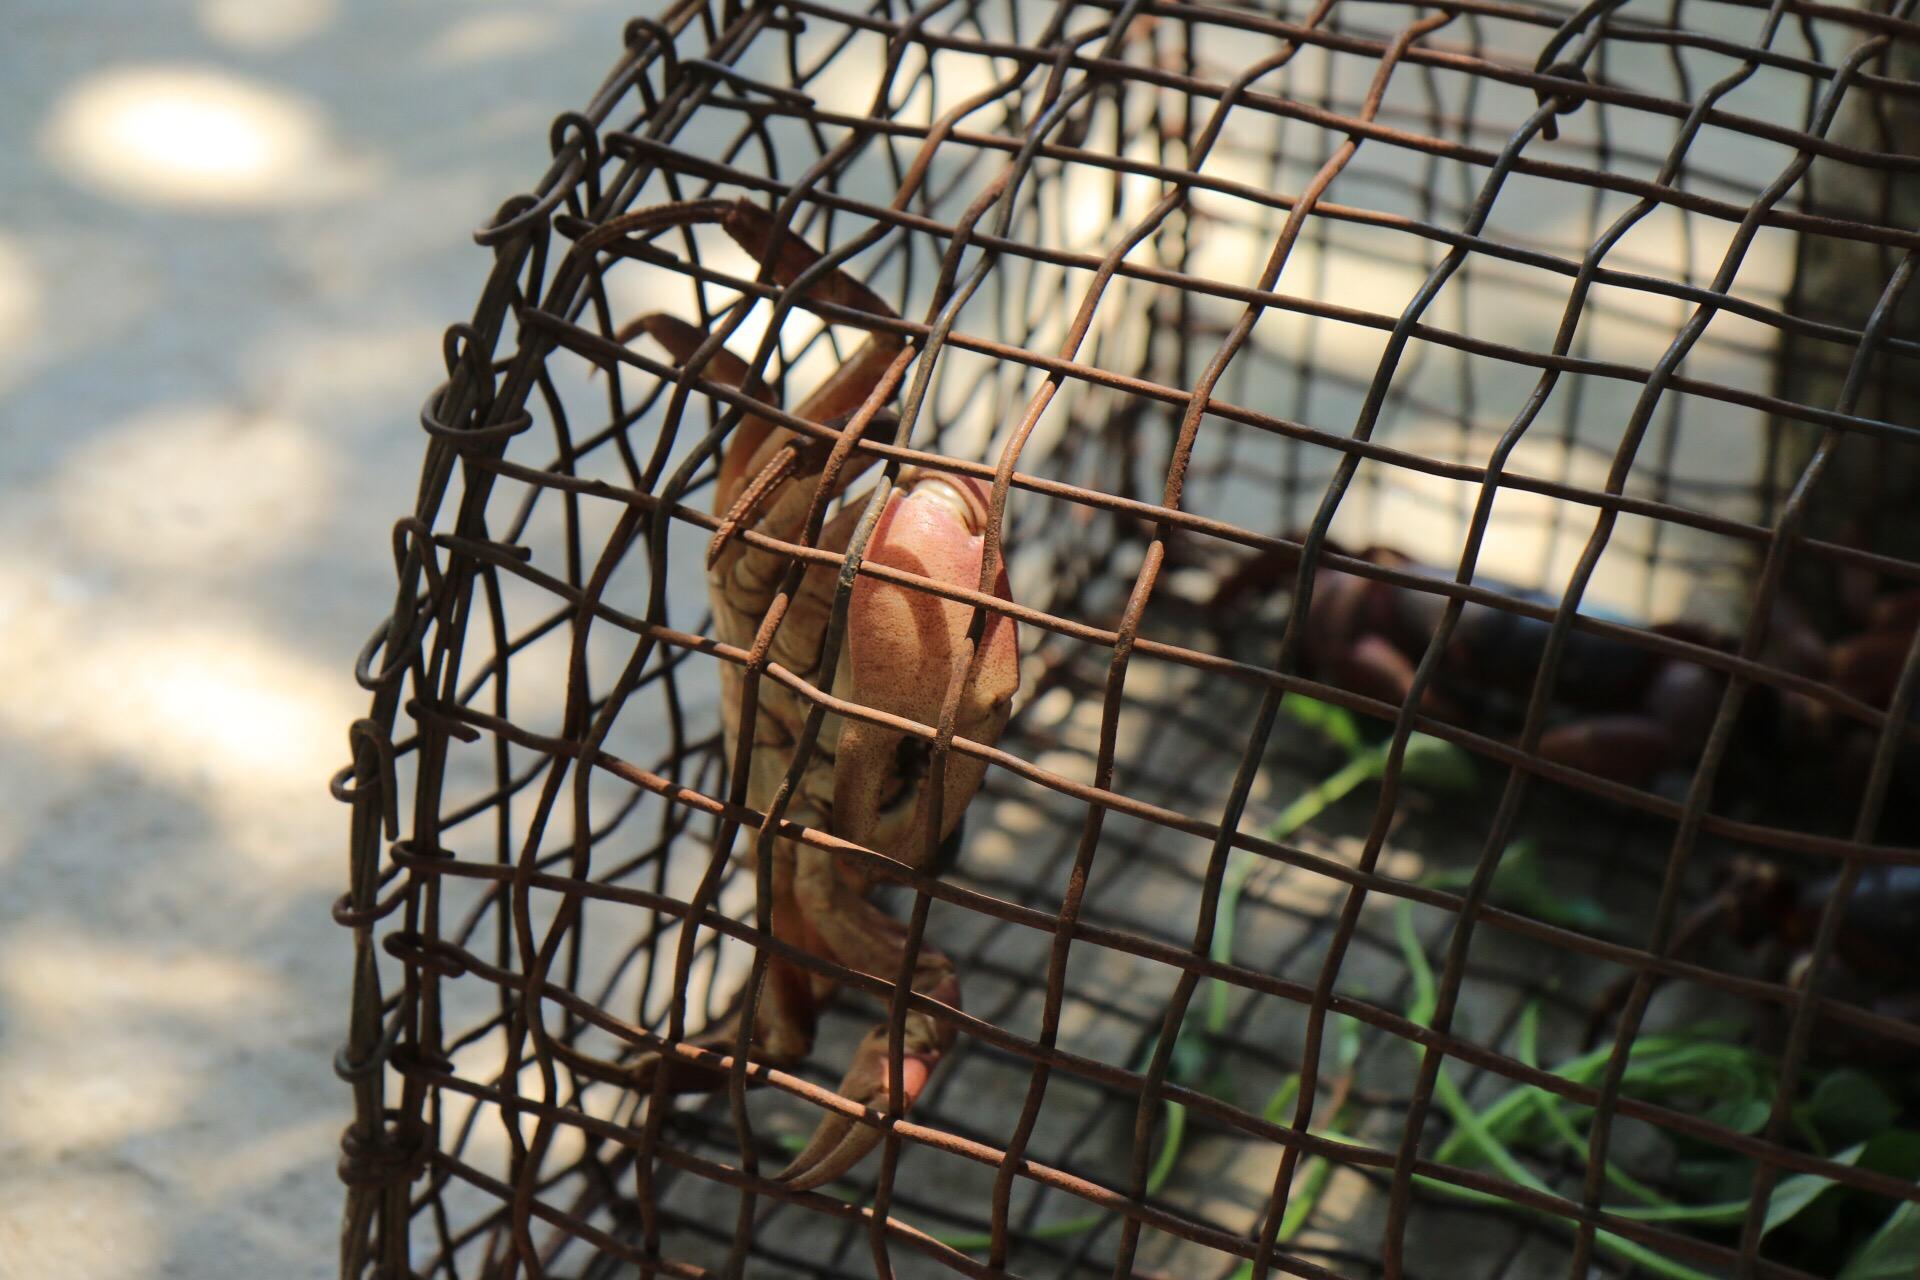 Wer wollte, konnte sich hier ein besonders frische Krabbe kaufen.